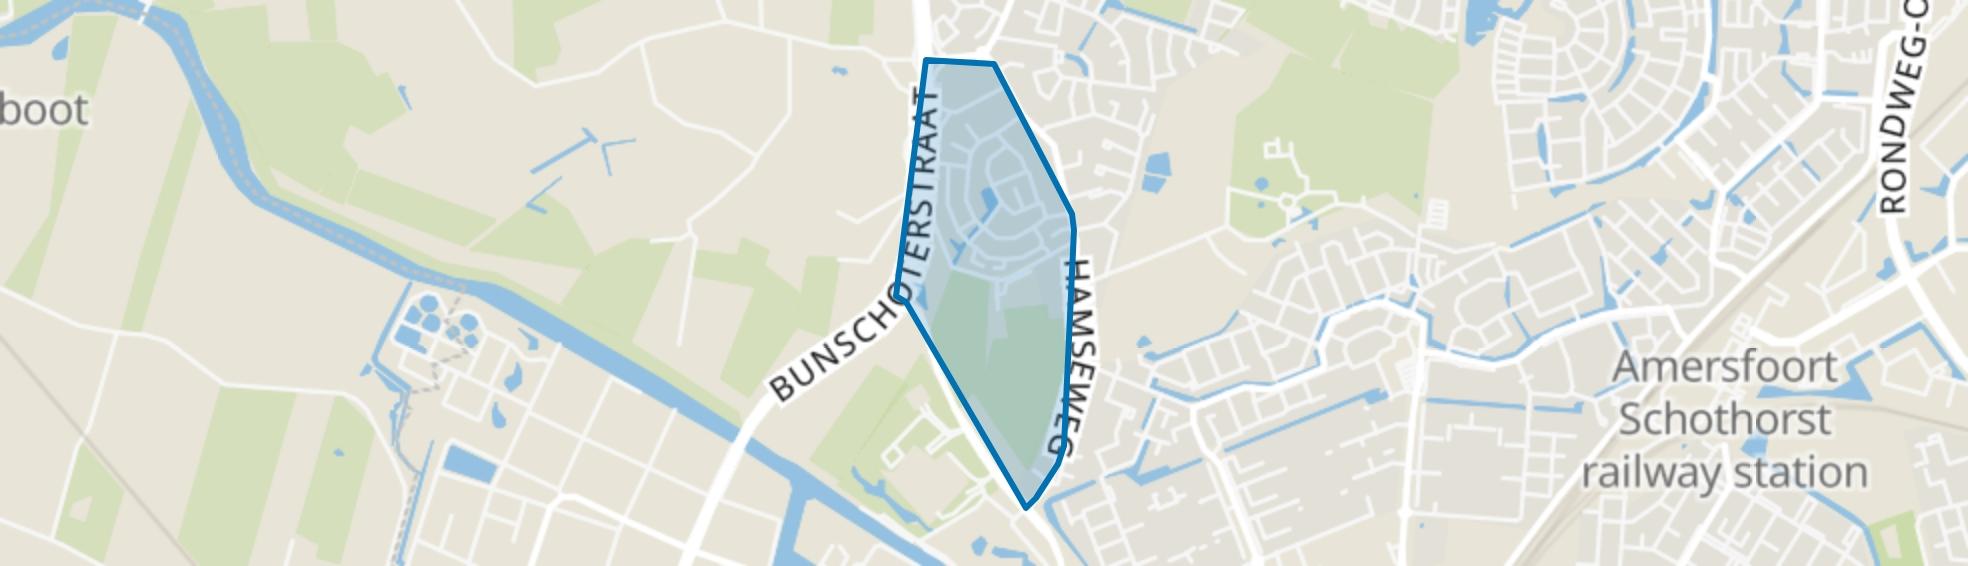 De Bik, Hoogland map